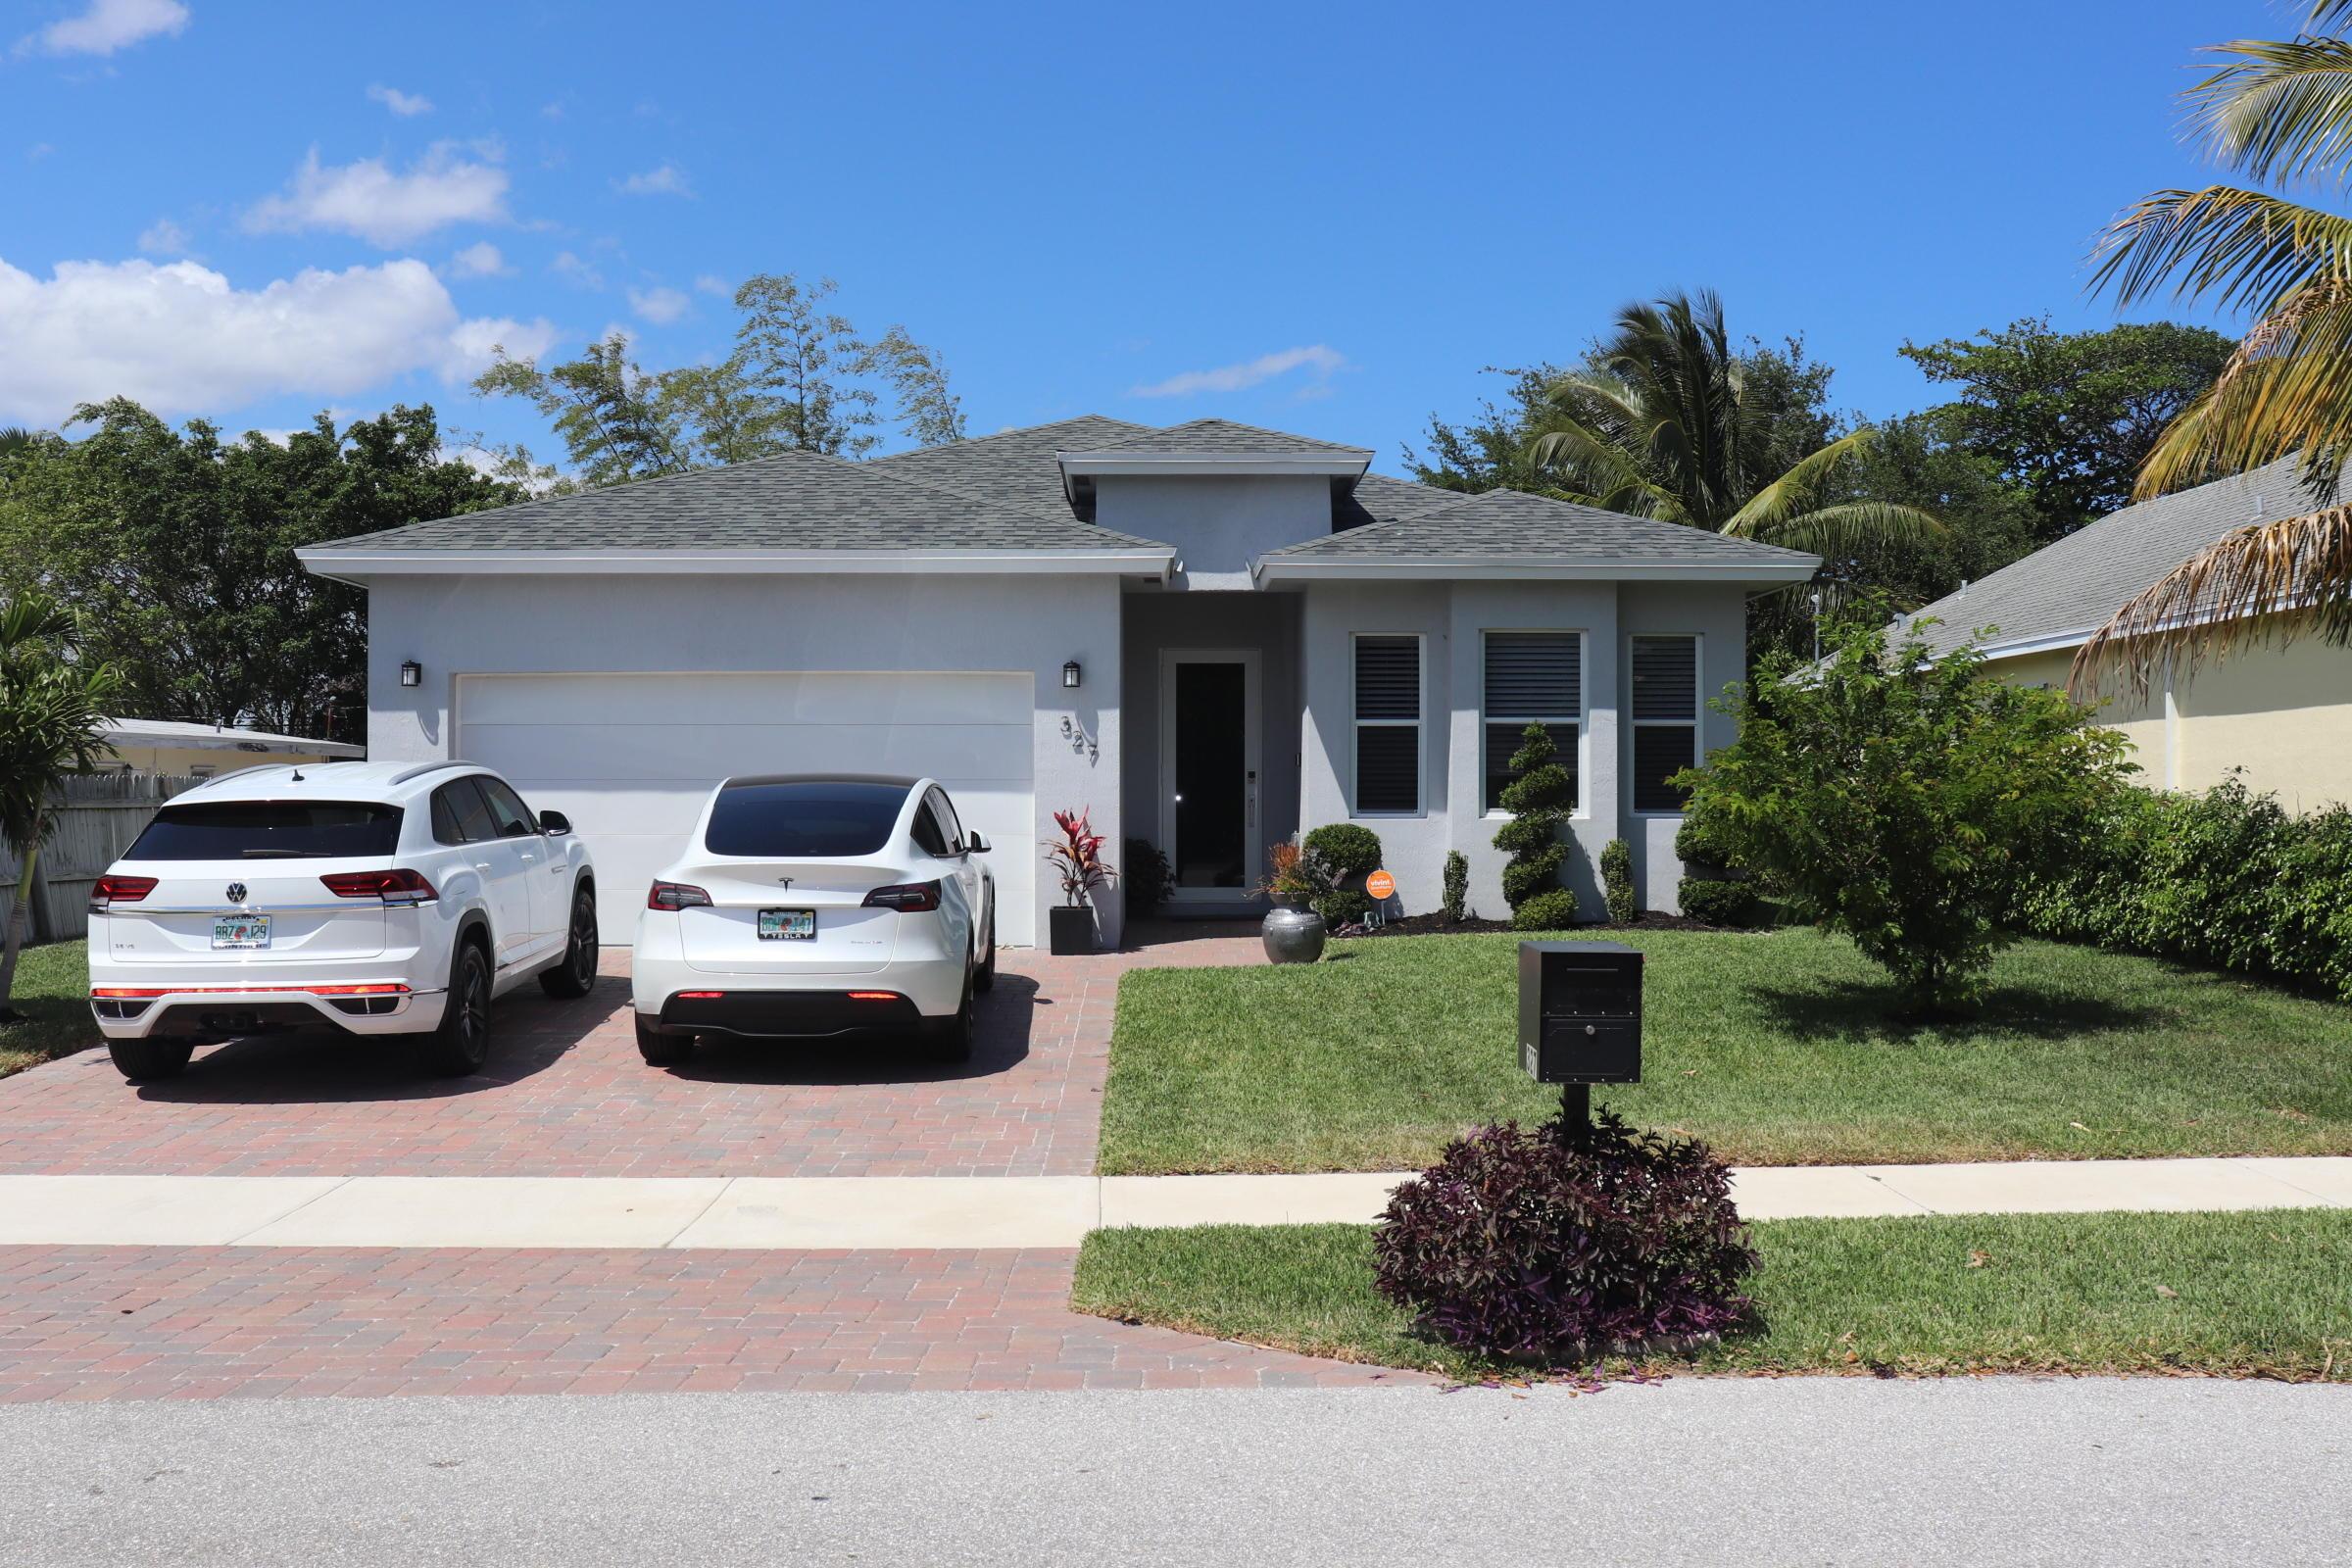 327 SW 2nd Avenue  Boynton Beach, FL 33435